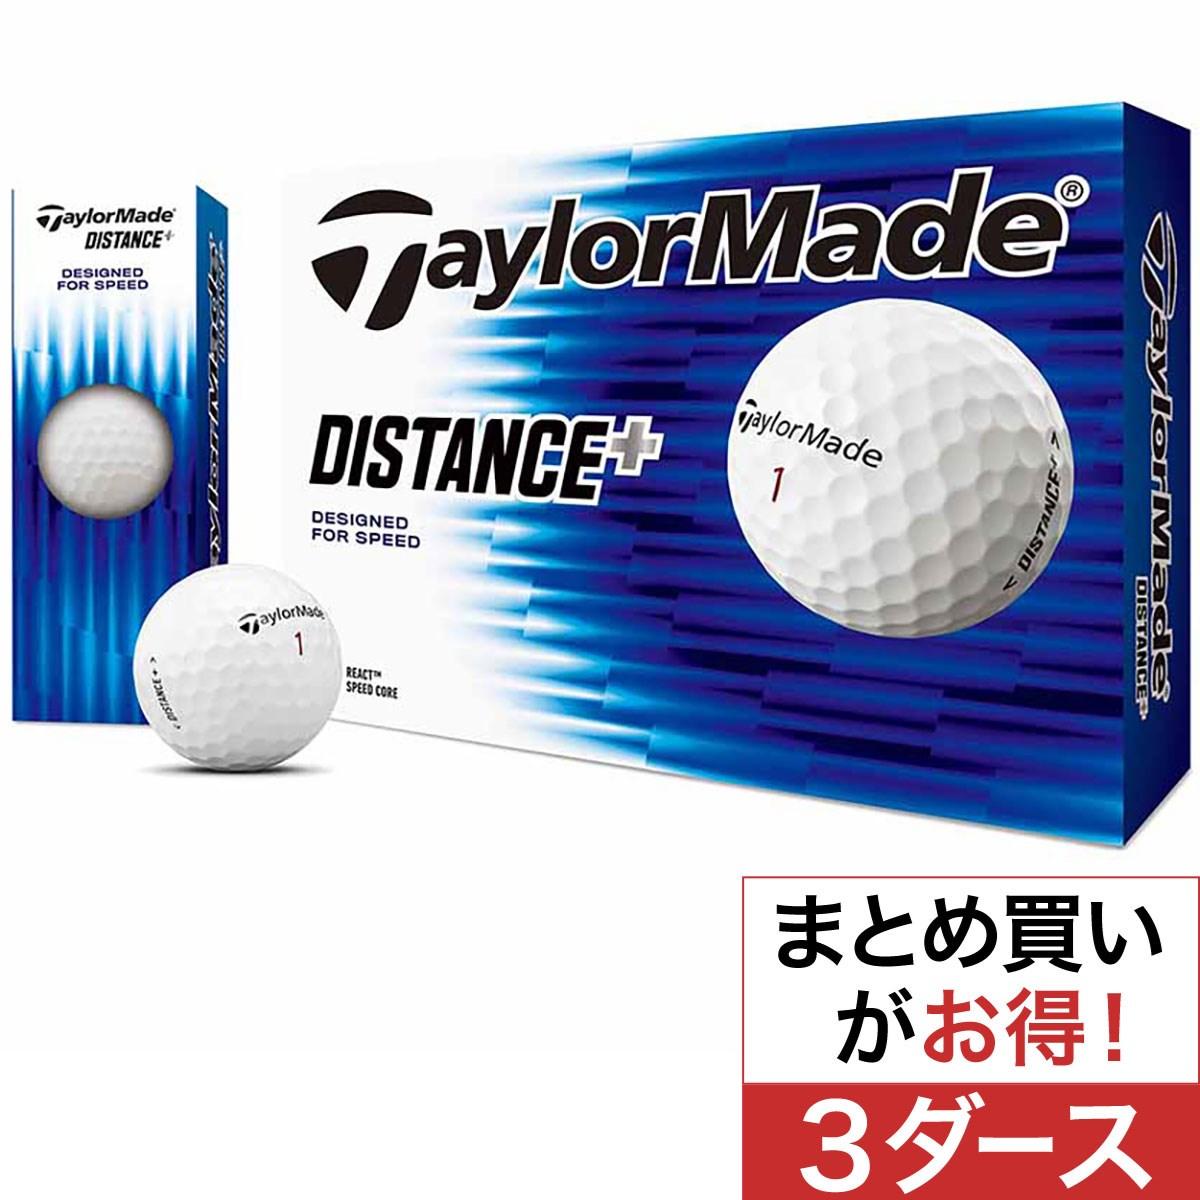 テーラーメイド(Taylor Made) DISTANCE+ ボール 3ダースセット